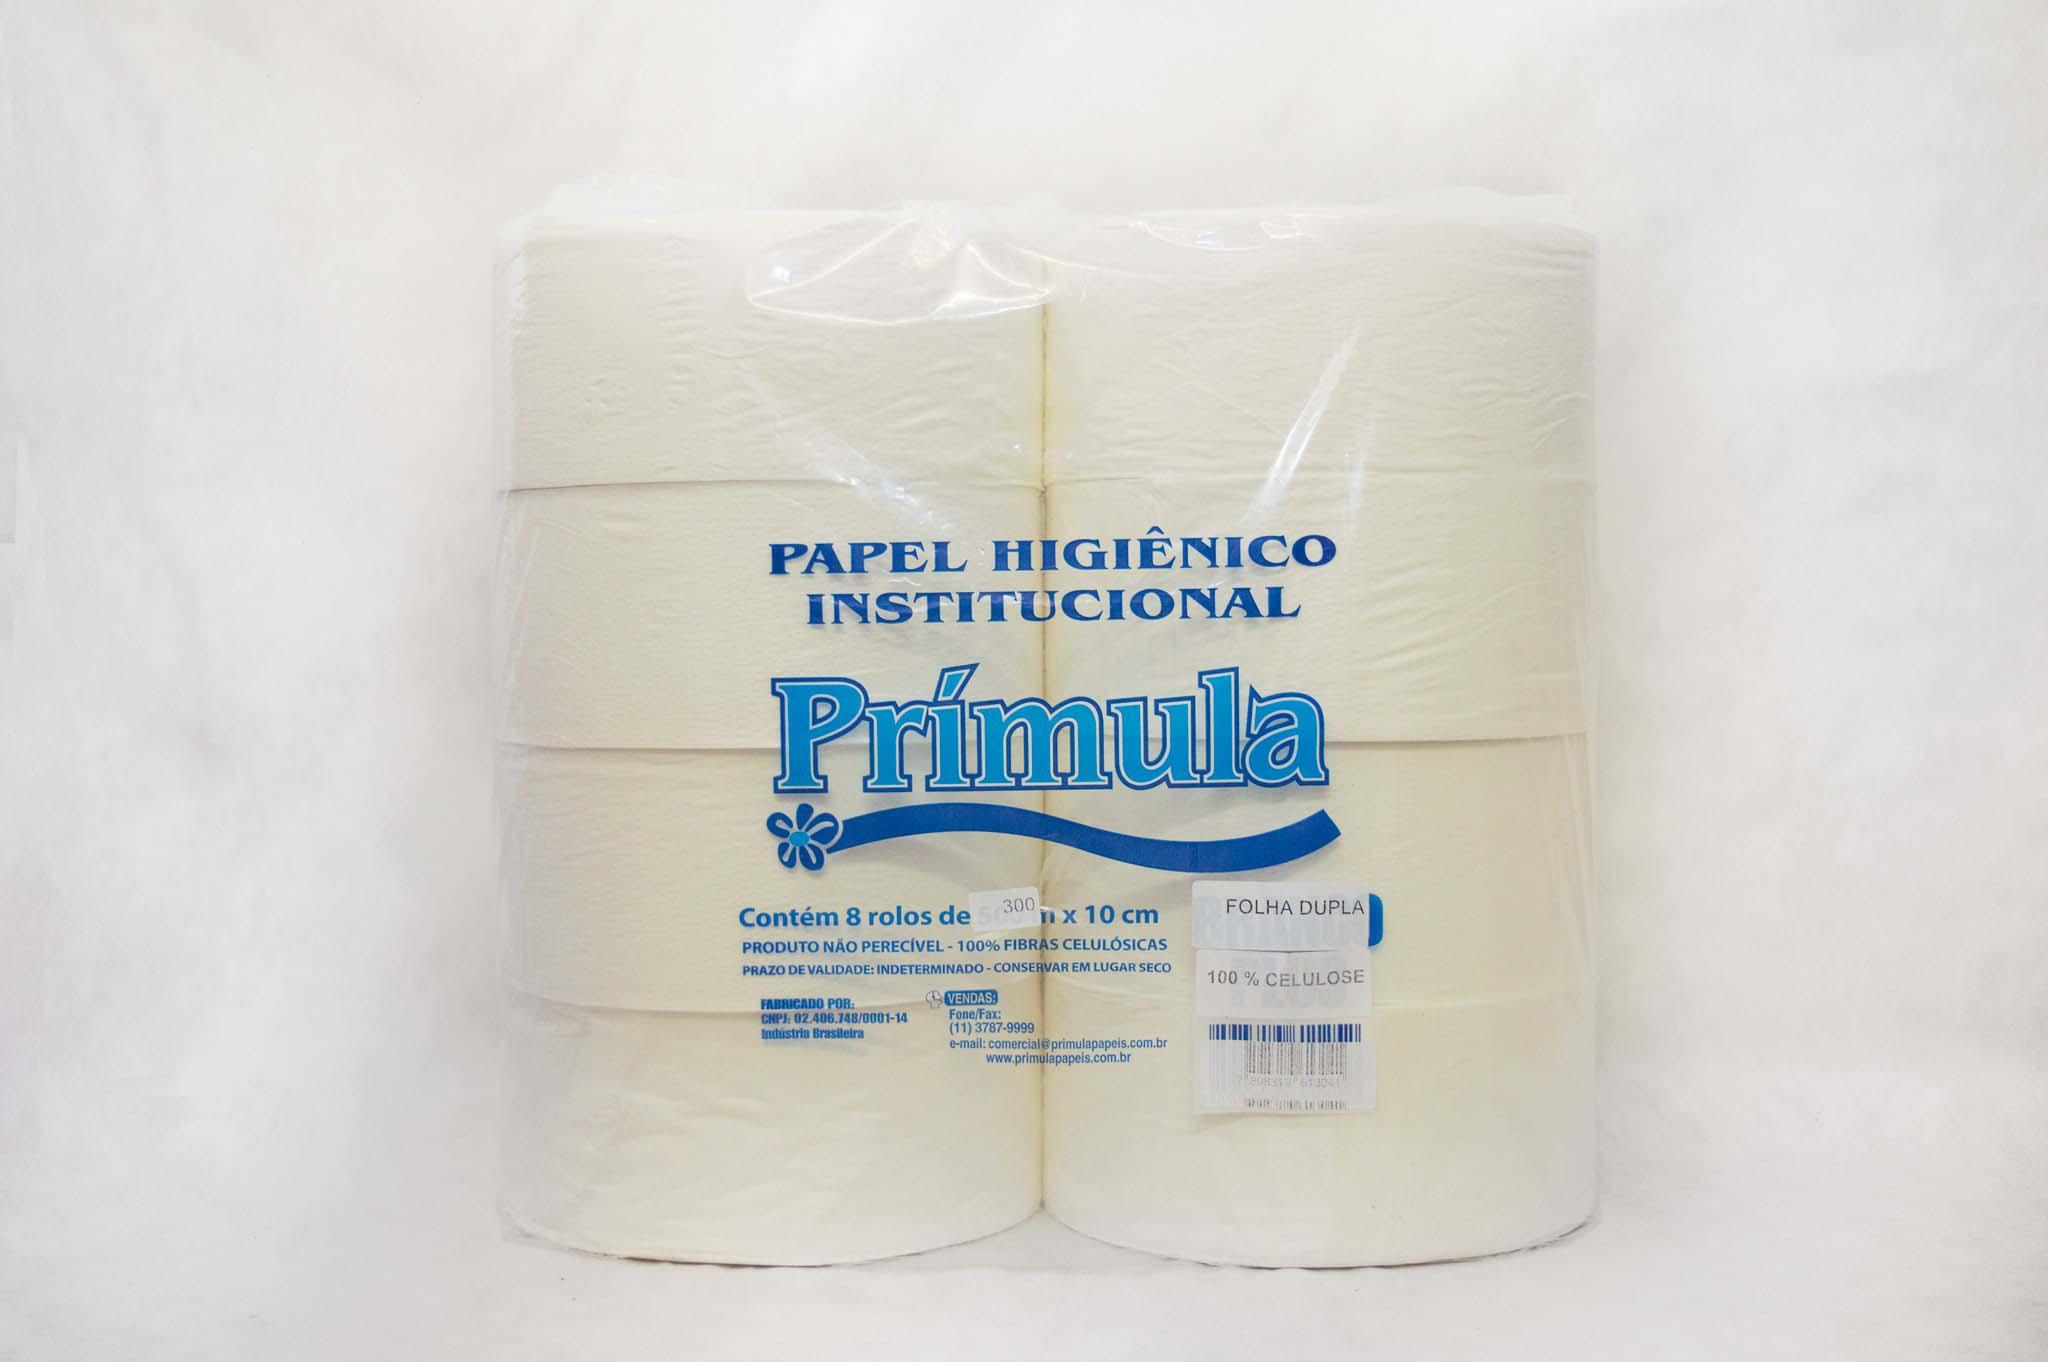 Papel higiênico rolão folha dupla